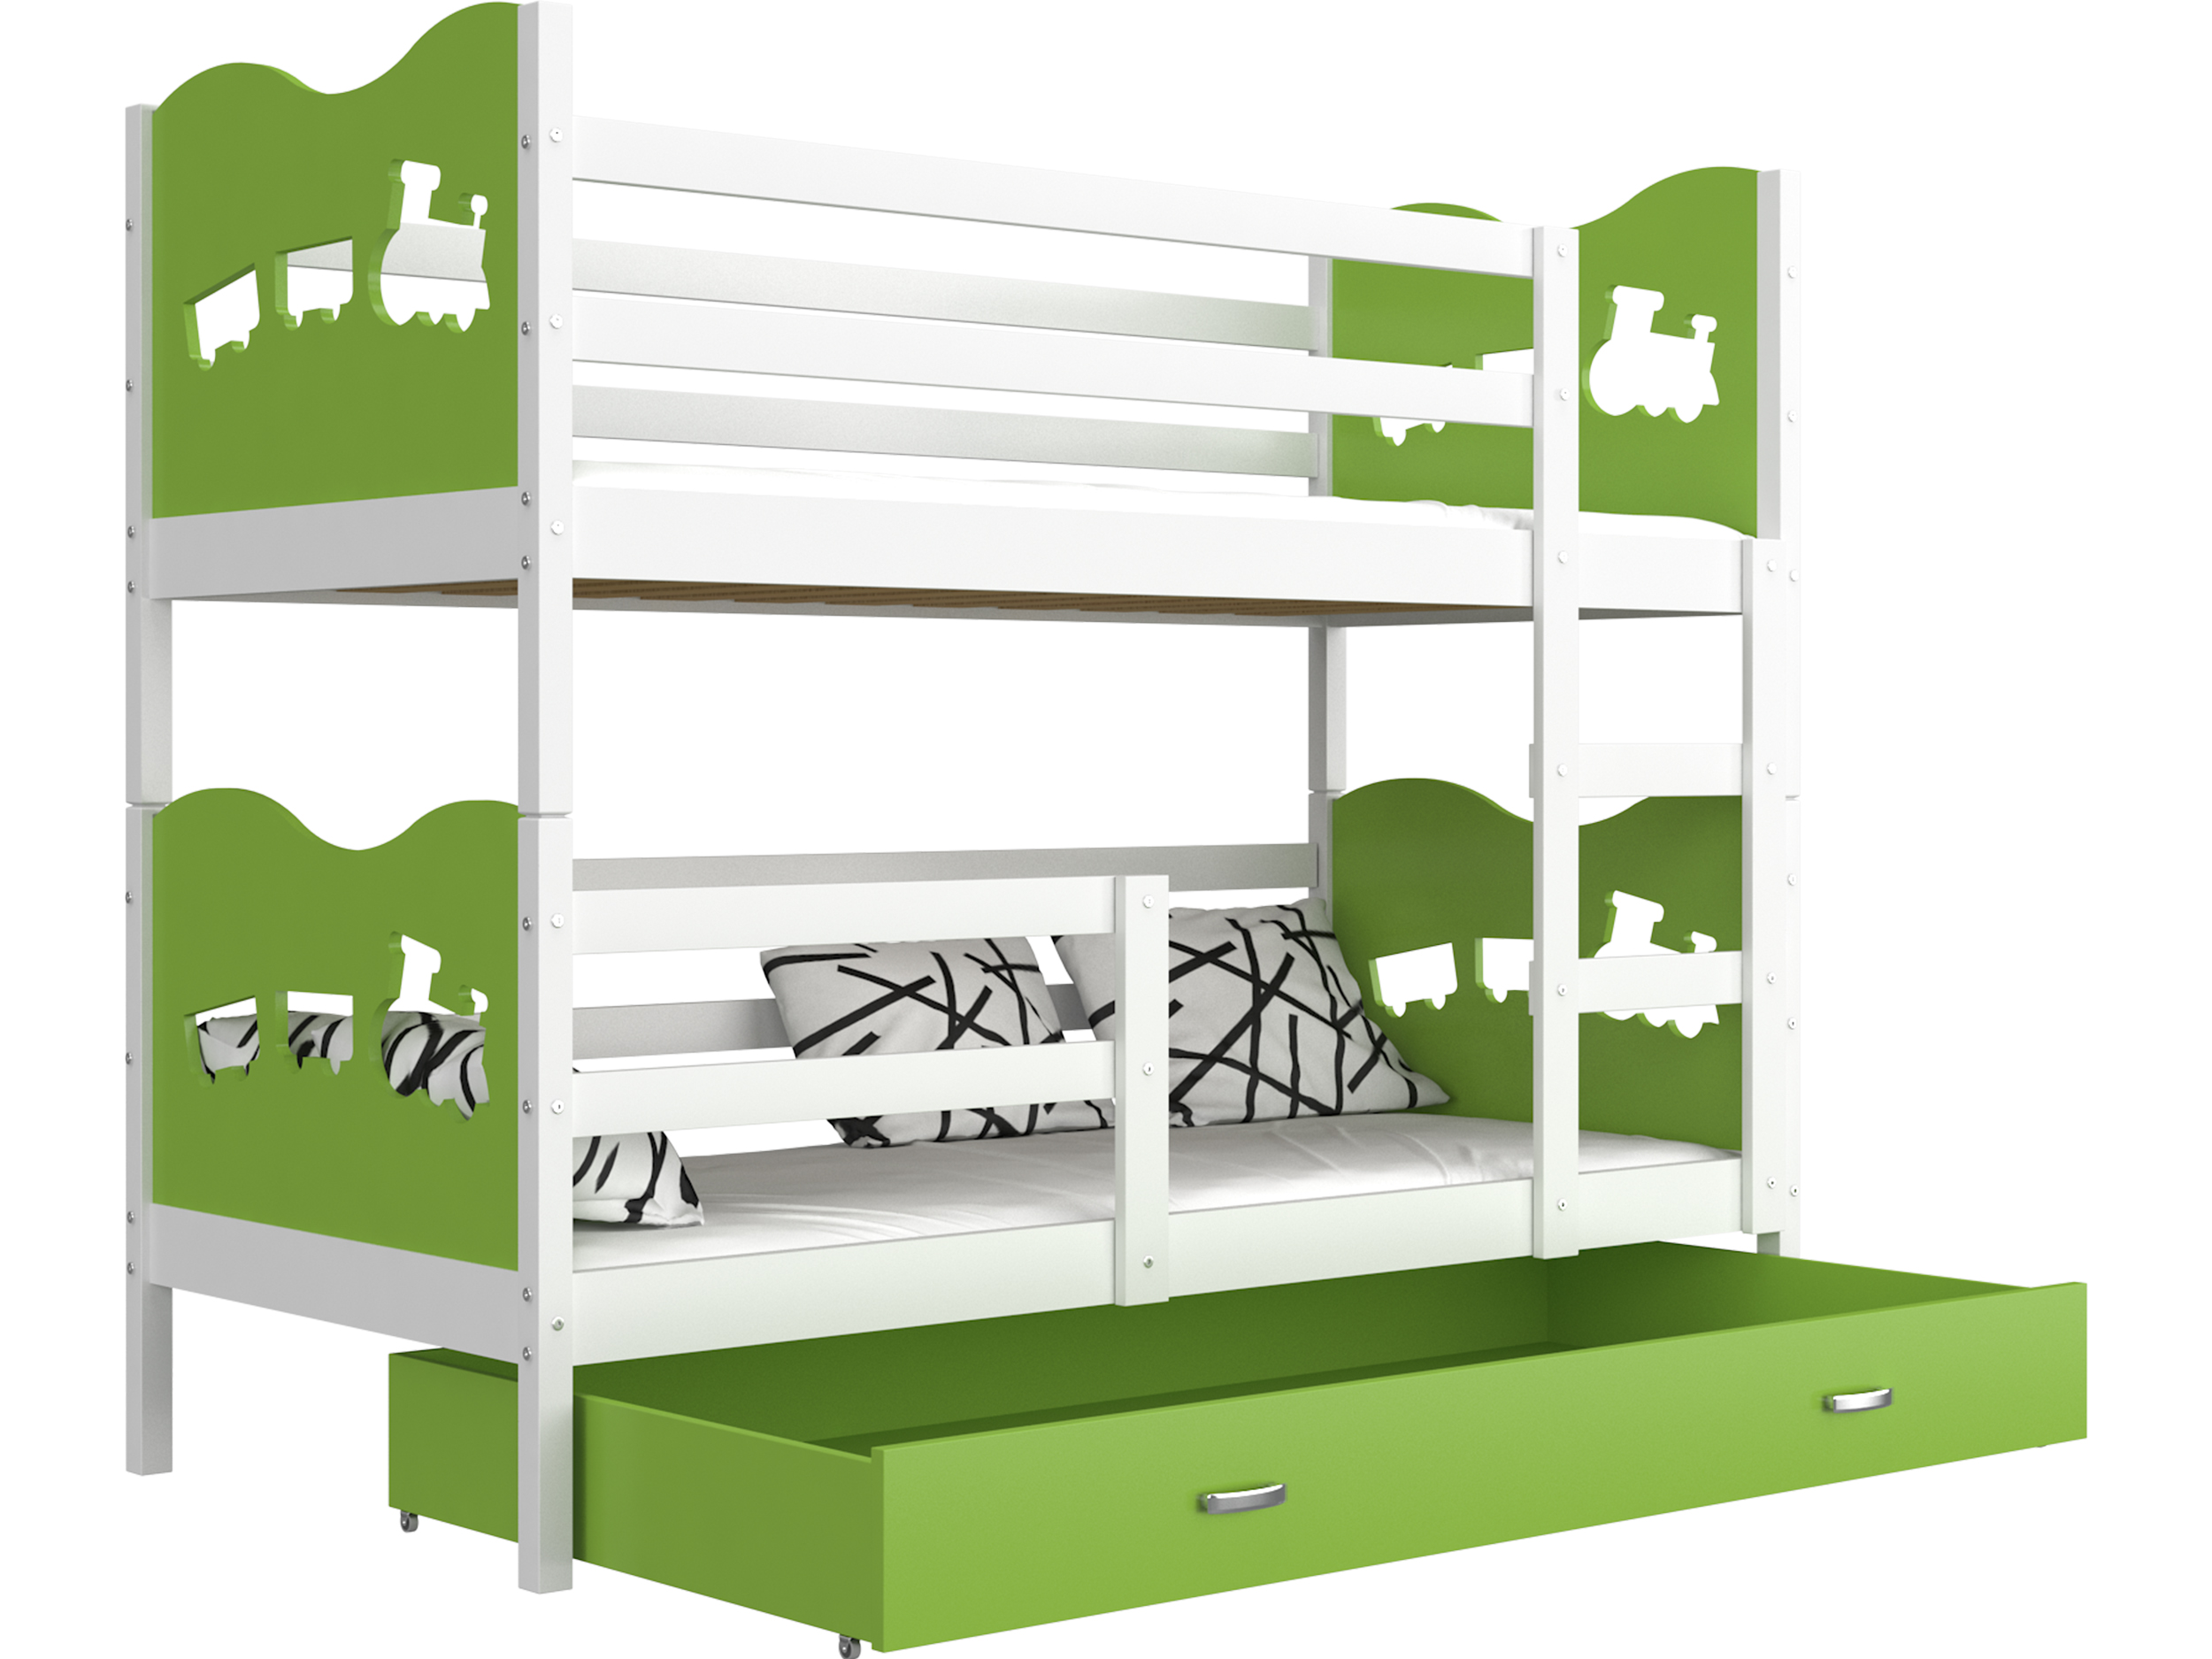 ArtAJ Detská poschodová posteľ MAX / MDF 160 x 80 cm Farba: biela / zelená, s matracom 160 x 80 cm